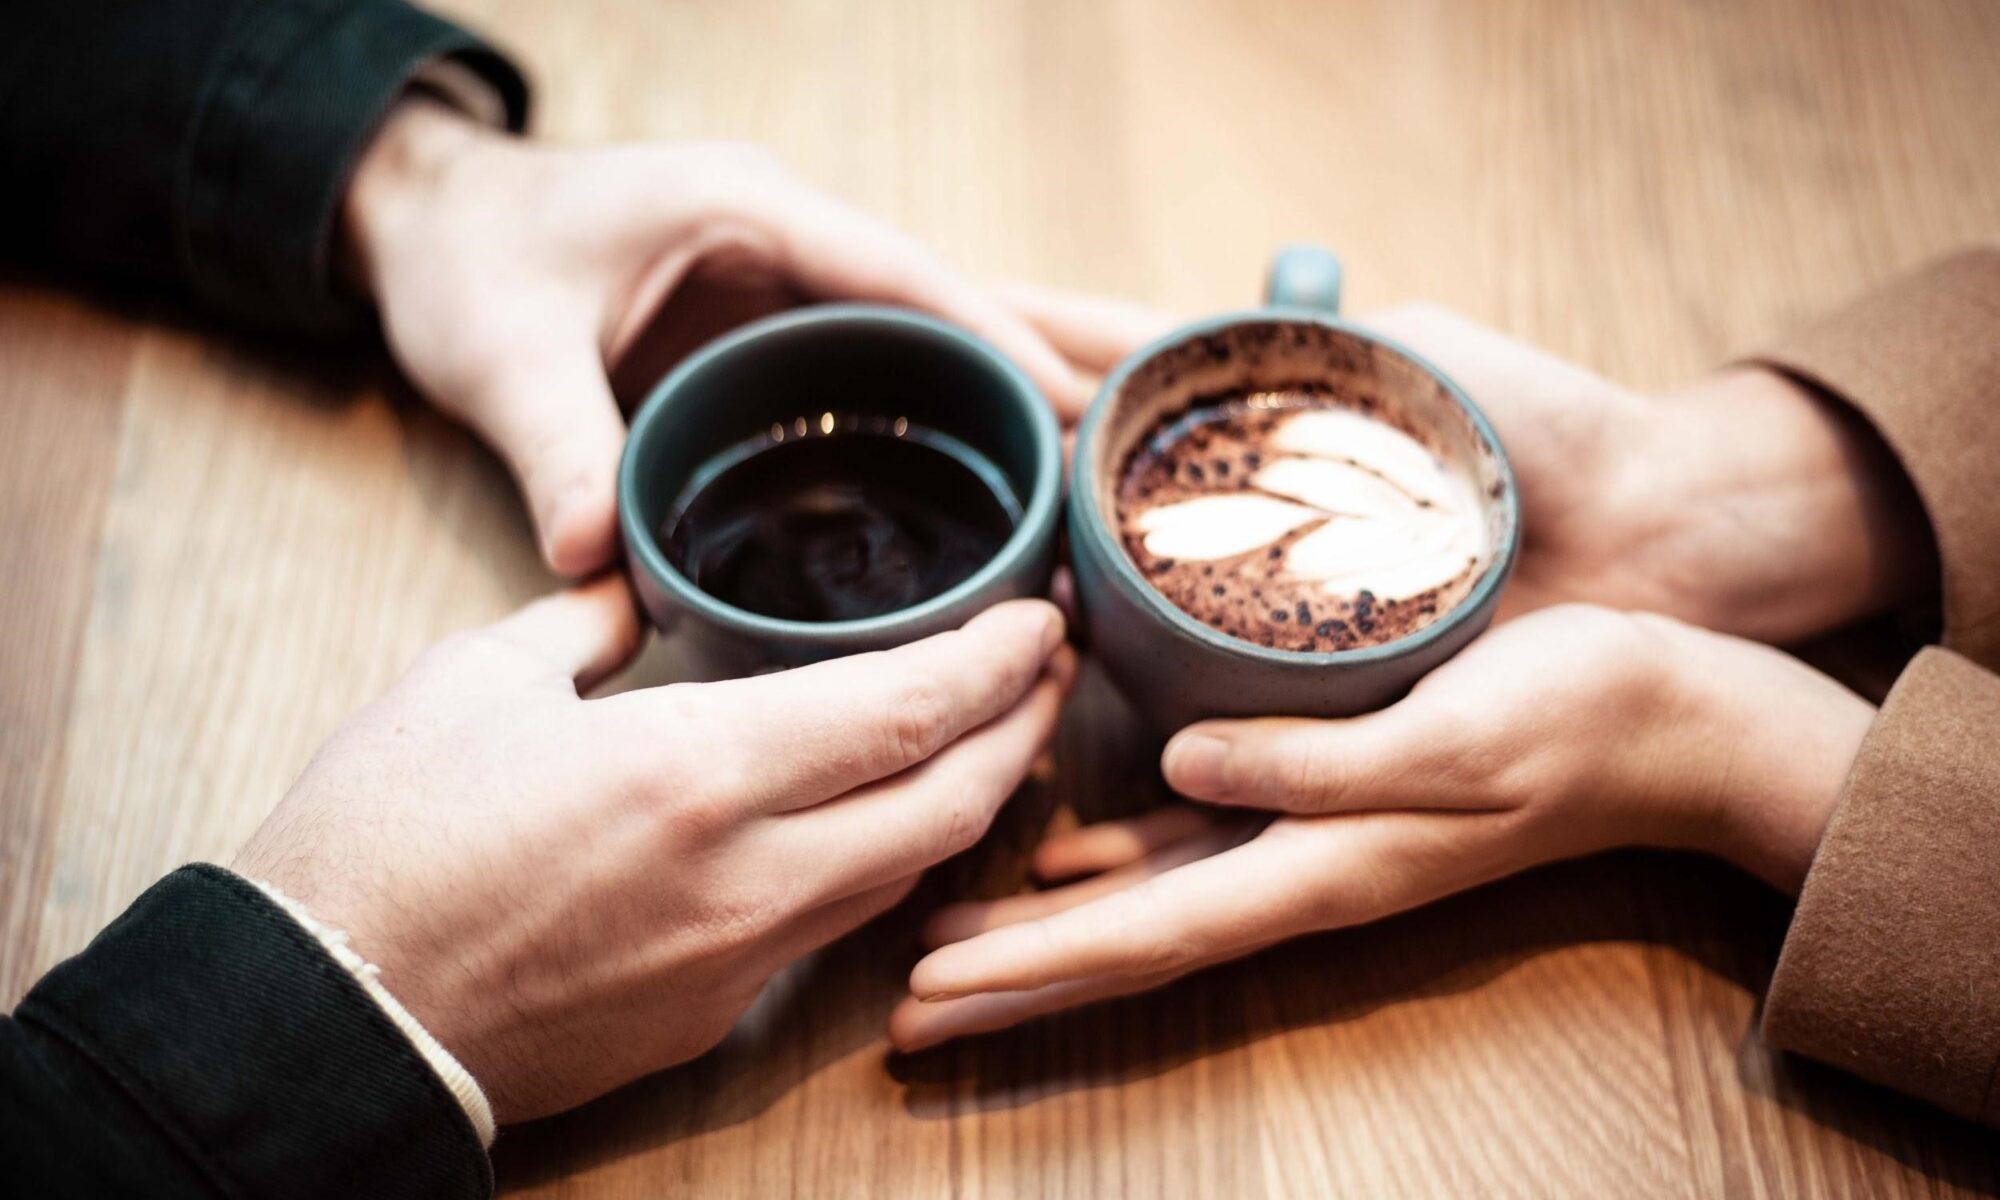 Herrenhände und Frauenhände umfassen Kaffeetassen beim date